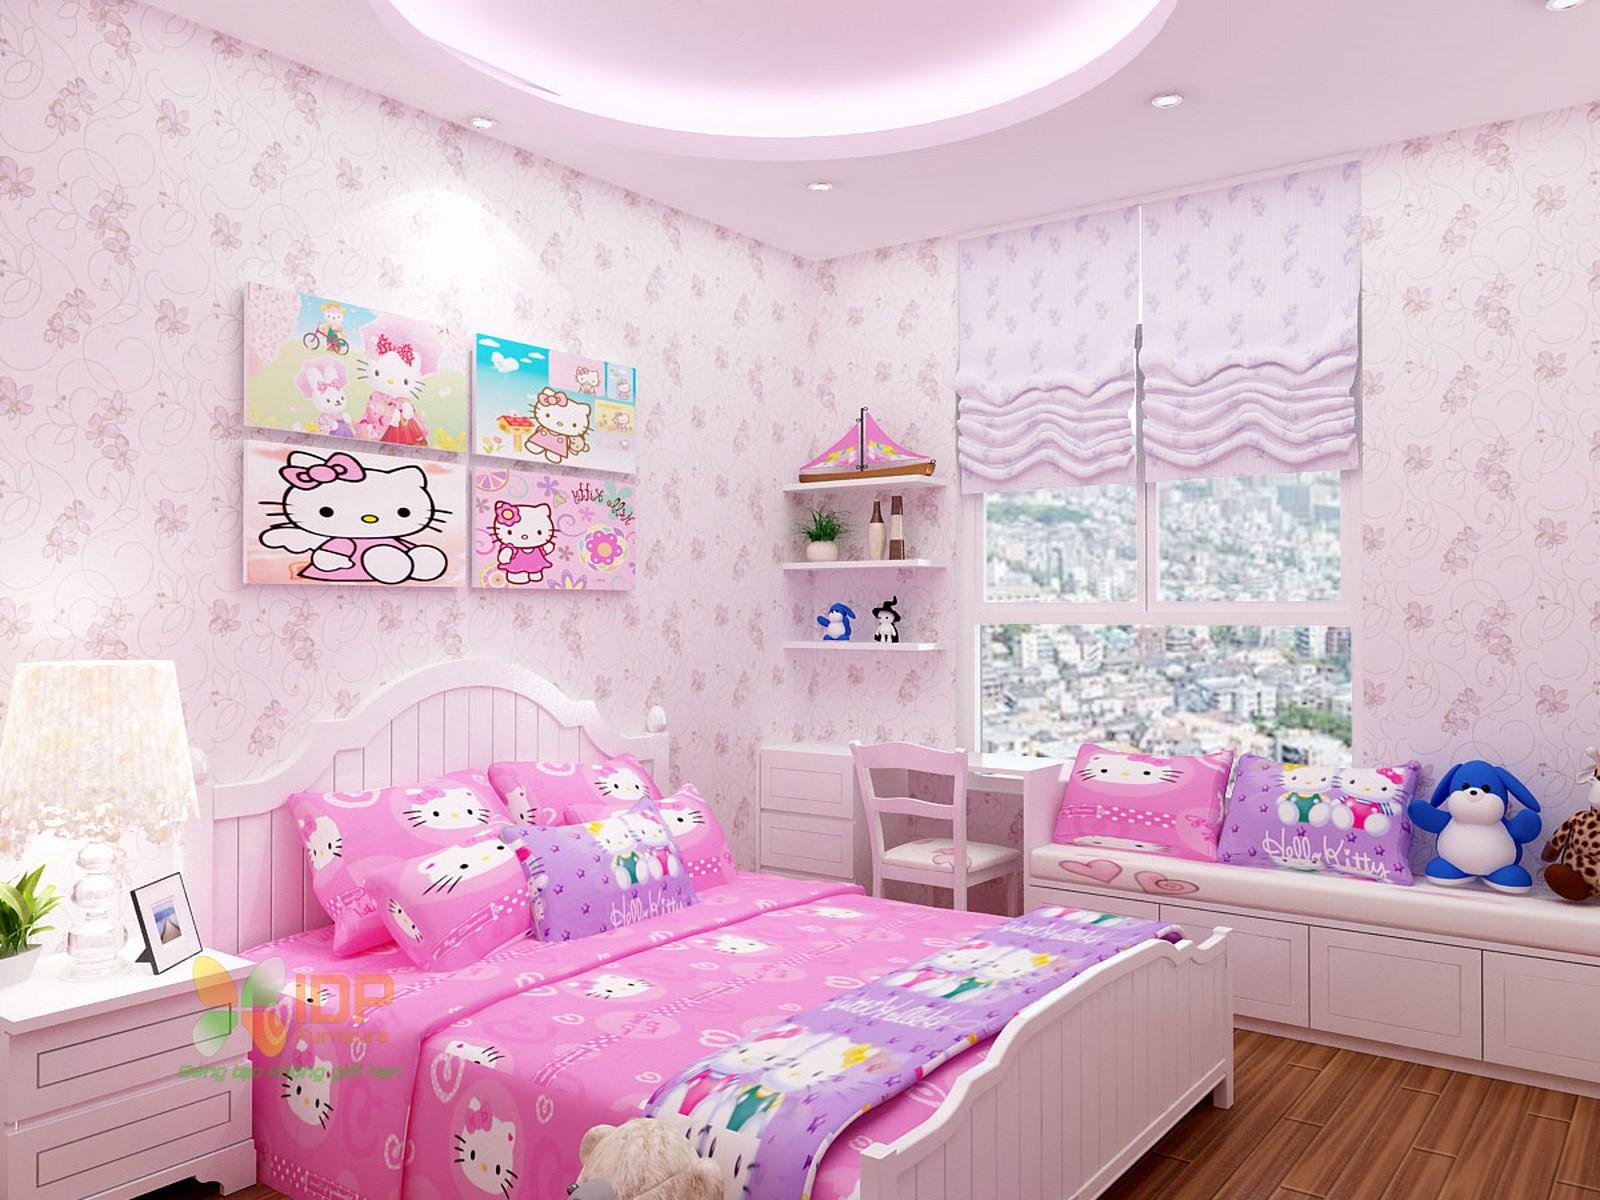 Trước khi thiết kế phòng ngủ cho con gái, bạn cần tìm hiểu tâm lý và sở thích thực sự của trẻ